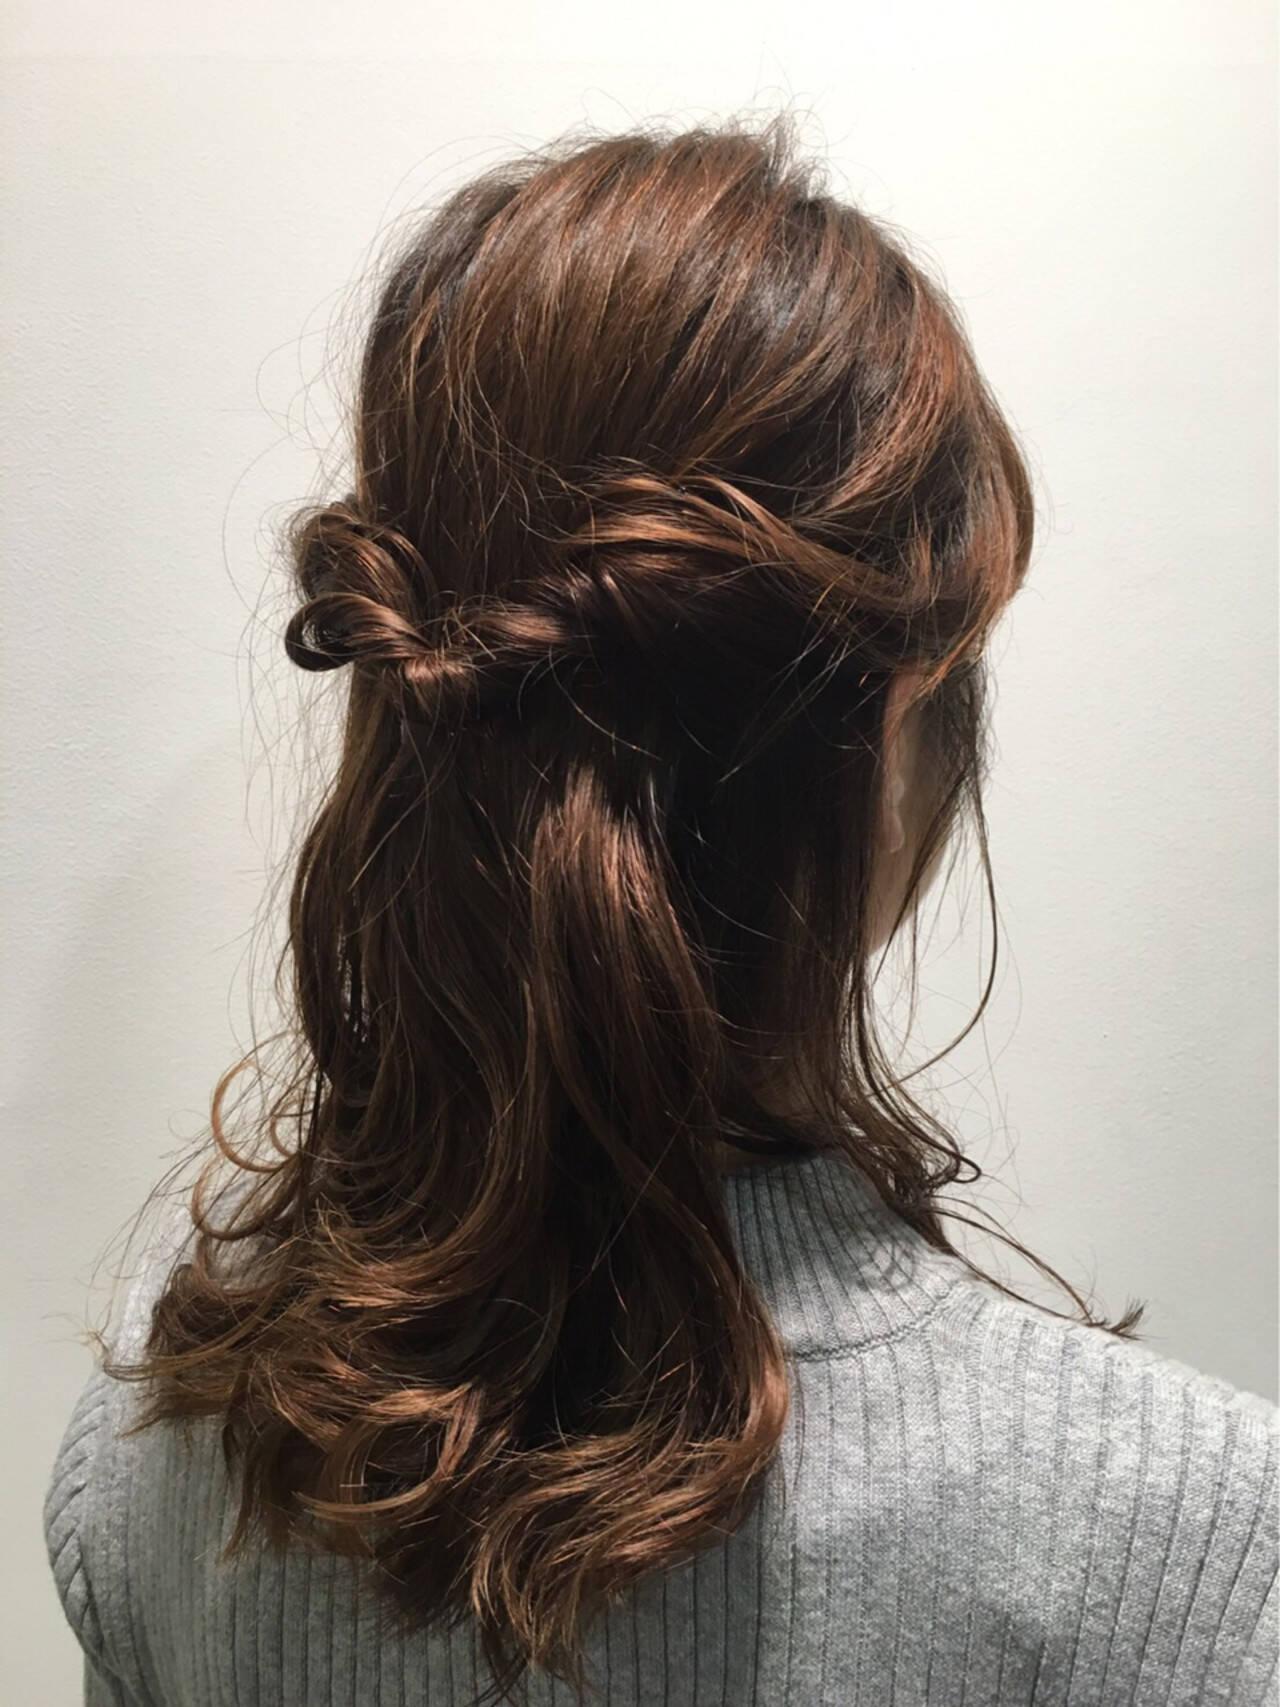 ナチュラル ハーフアップ 大人かわいい ミディアムヘアスタイルや髪型の写真・画像